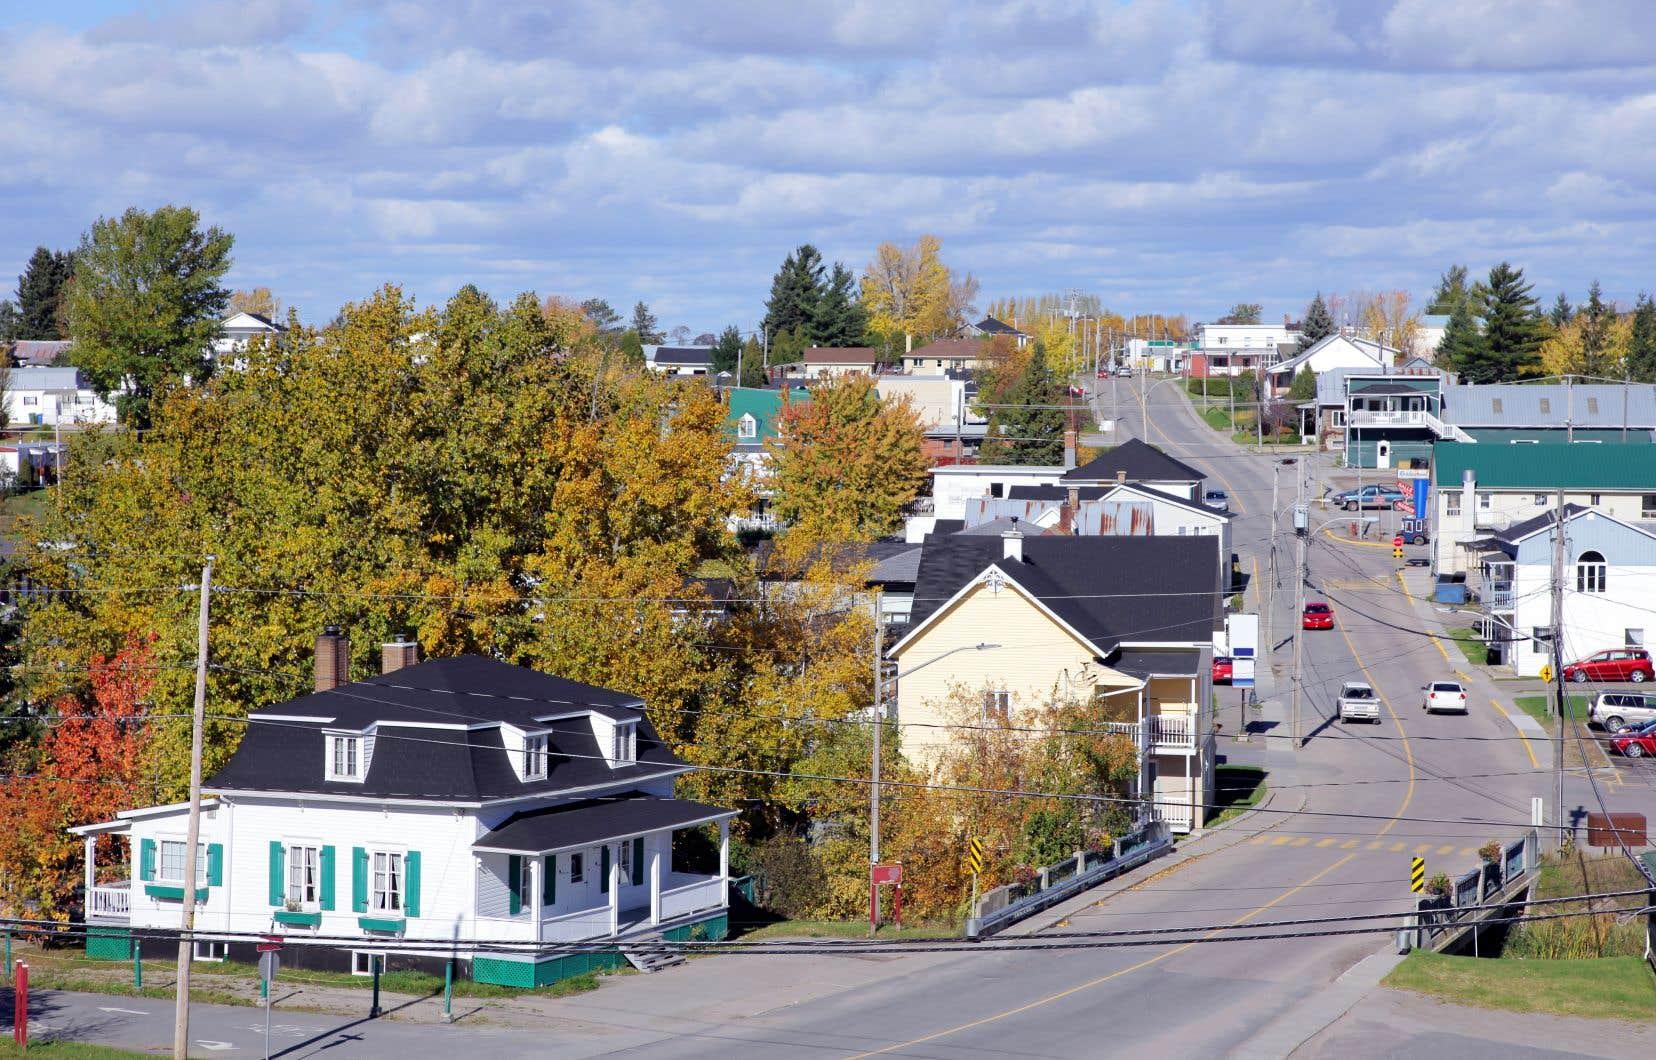 Chaque année, la ville de Saguenay accueille le Festival international du court métrage Regard, dont le démarrage a été en partie soutenu par le CALQ.